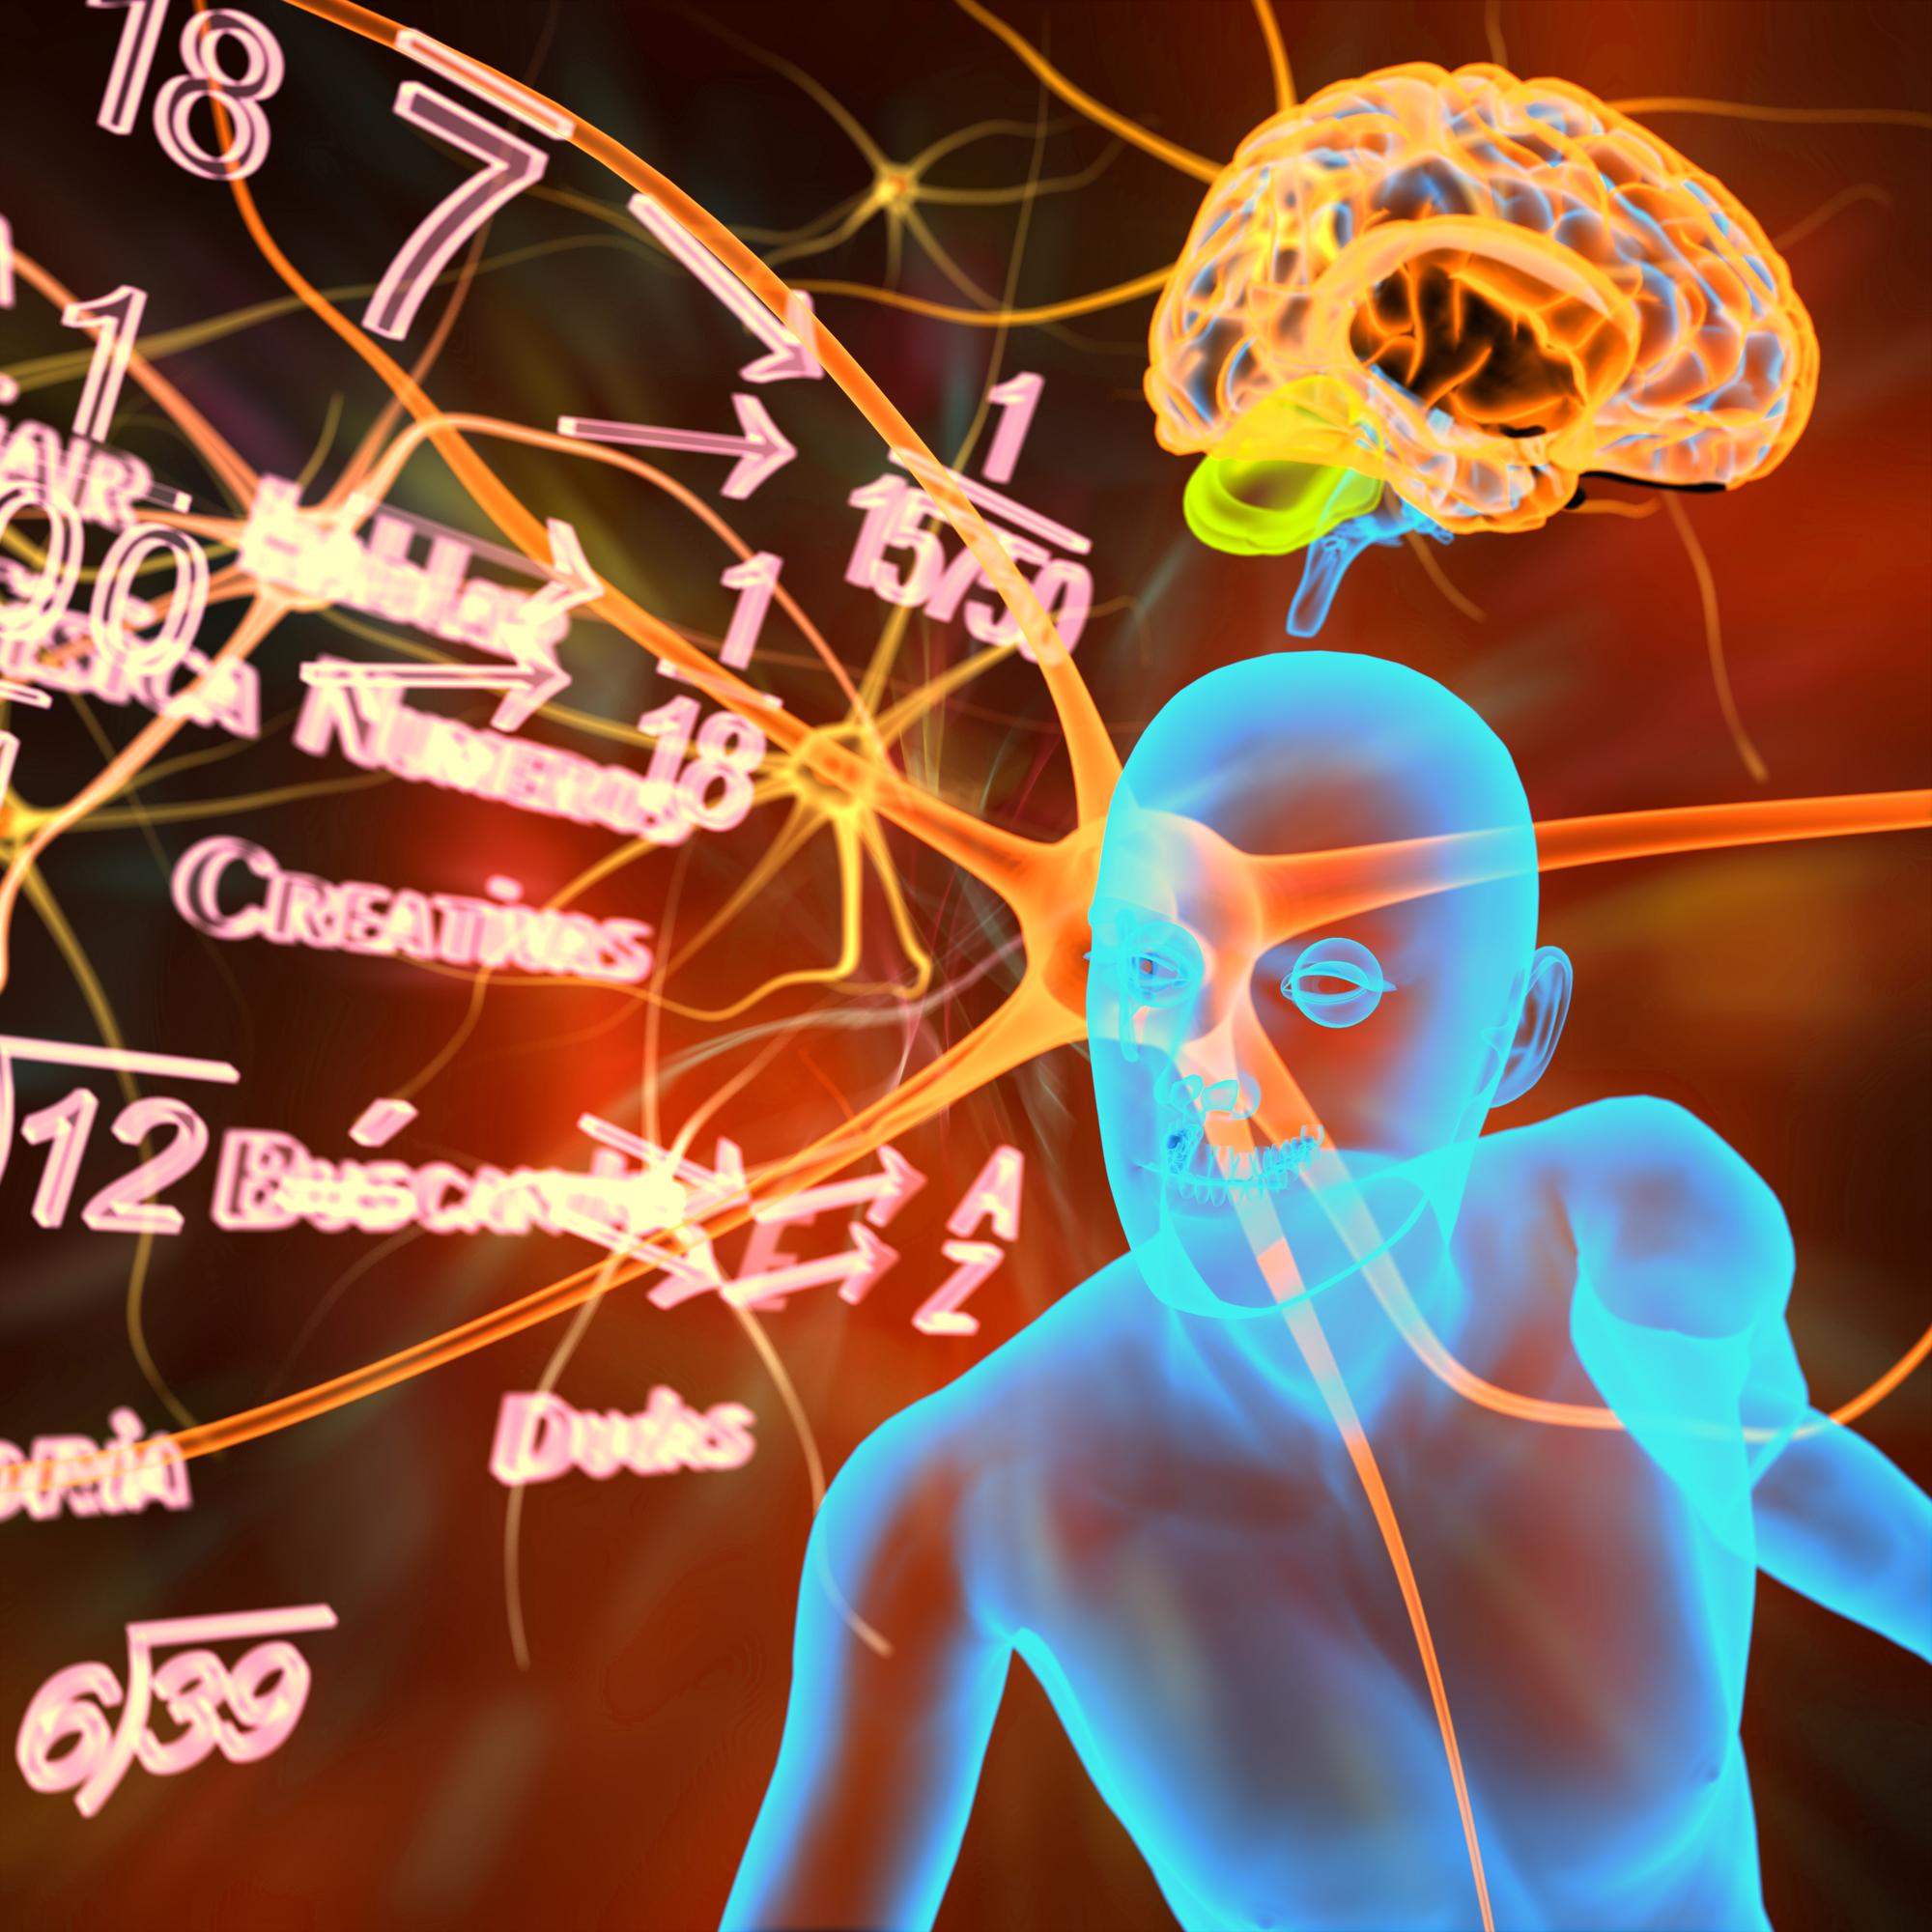 dźwięki-solfeżowe-pamięć-i-koncentracja.jpg